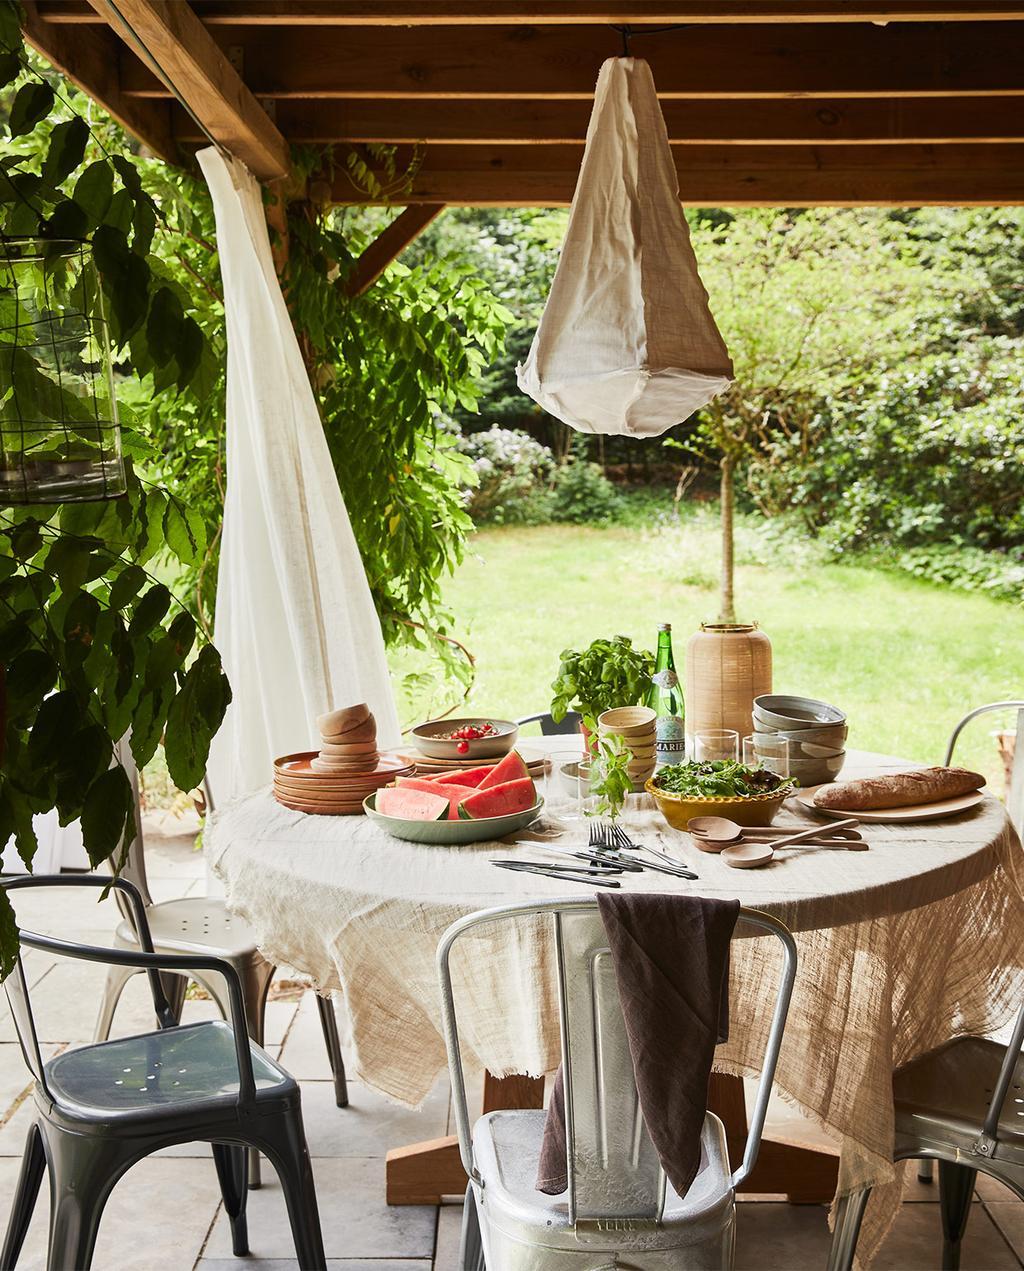 vtwonen special tuin 03 2021 | ronde tafel met stoelen en eten